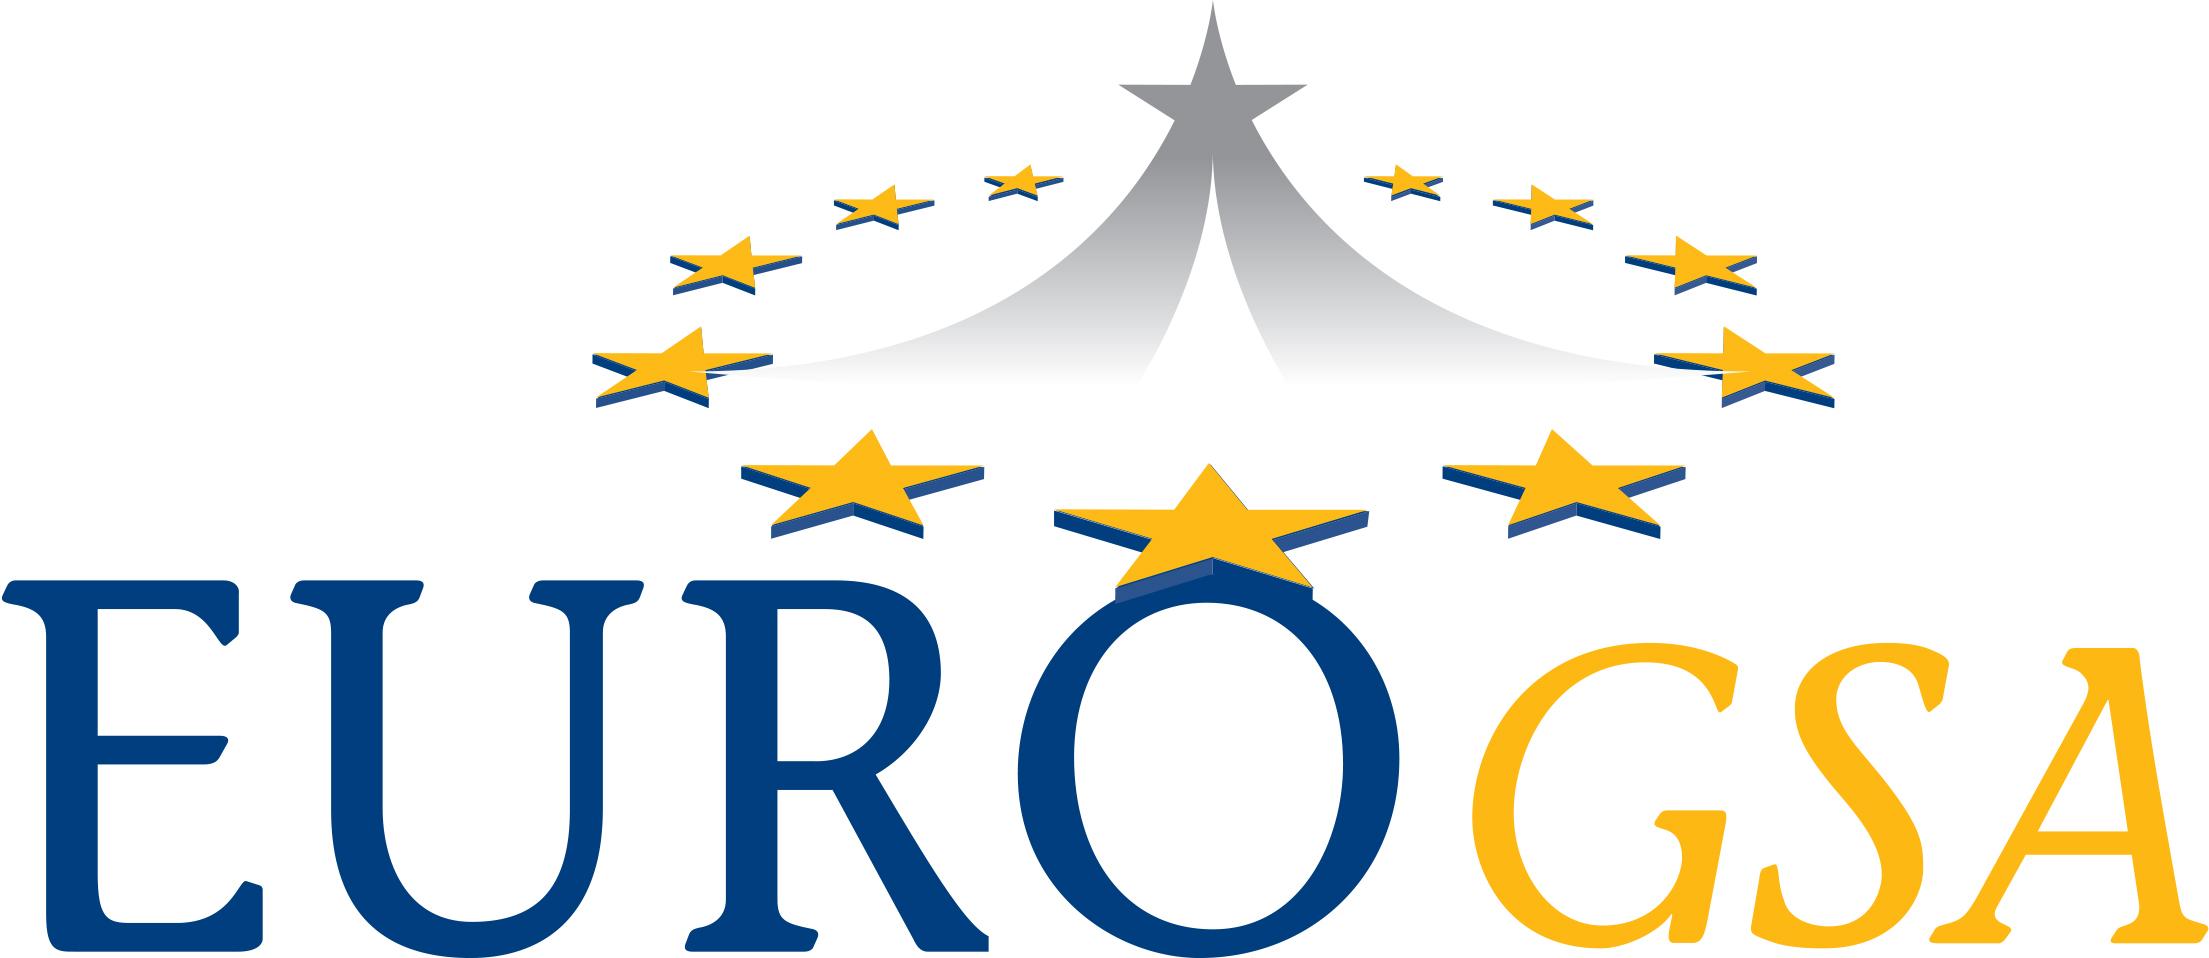 EuroGSALogo.jpg